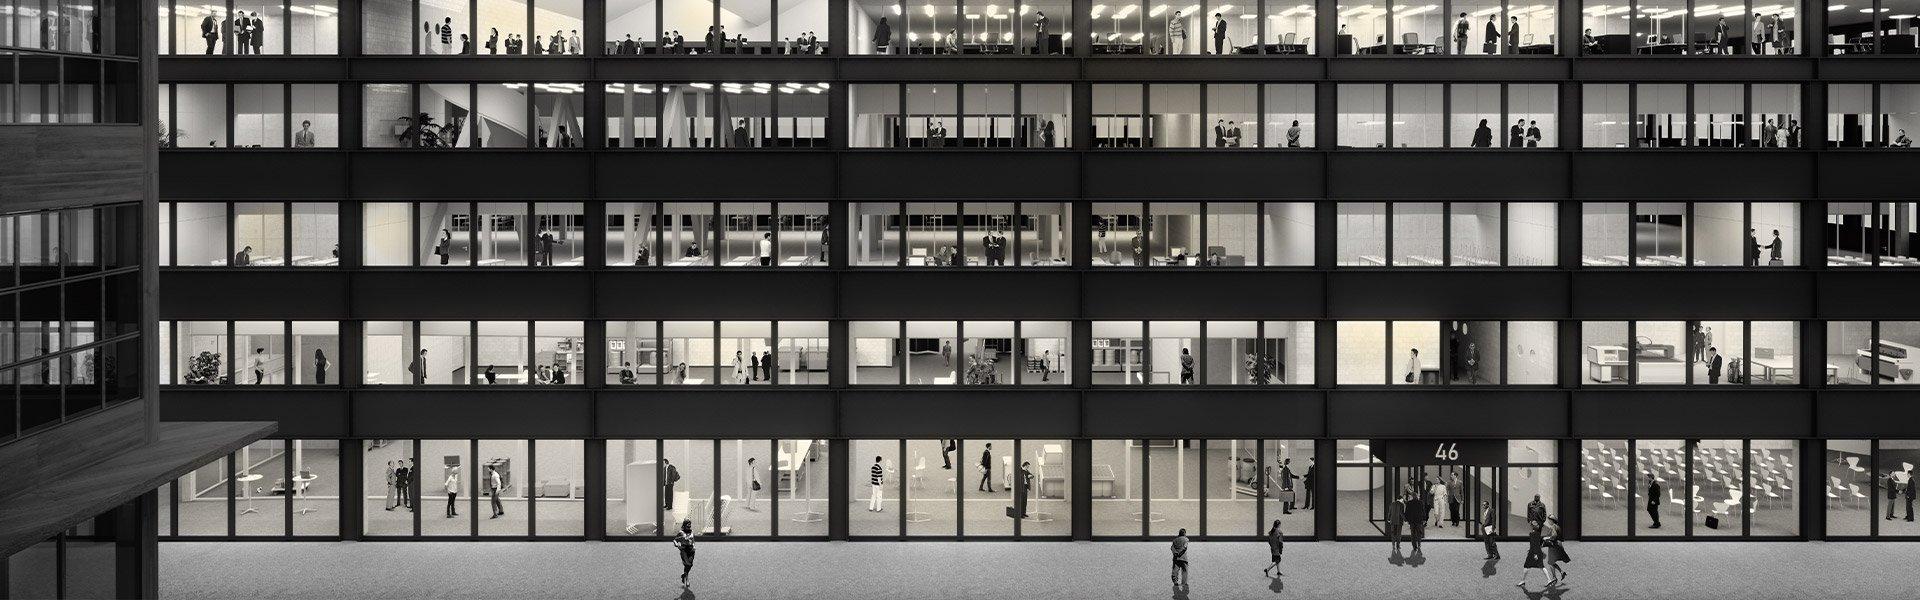 Gebäude Switzerland Innvation Park